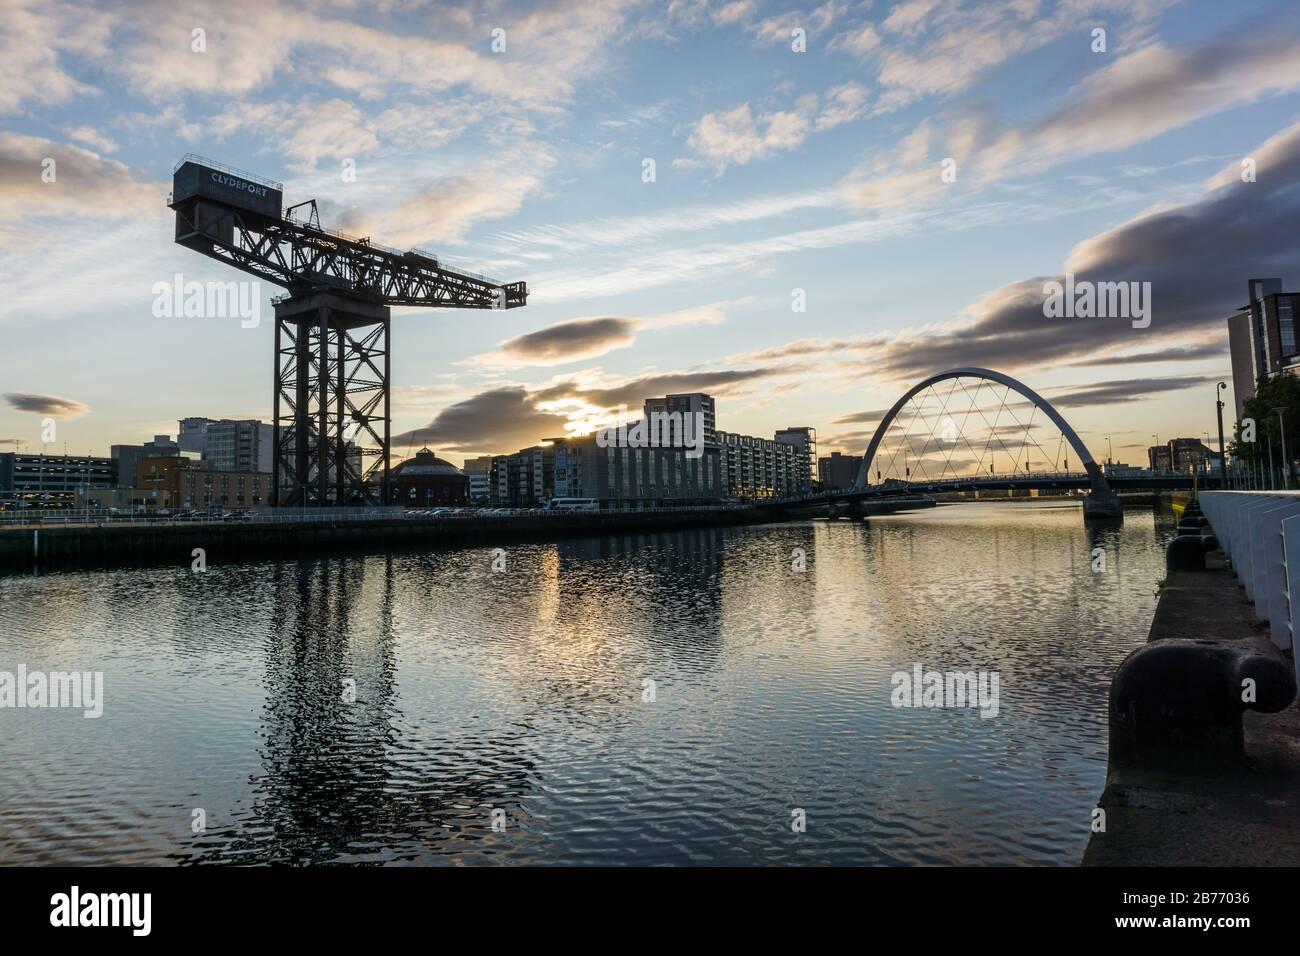 Vue prise à l'aube en regardant vers l'est le long de la Clyde à Glasgow, prise du Pont de Bell et montrant le Finnieston ou Stobcross Crane. Banque D'Images